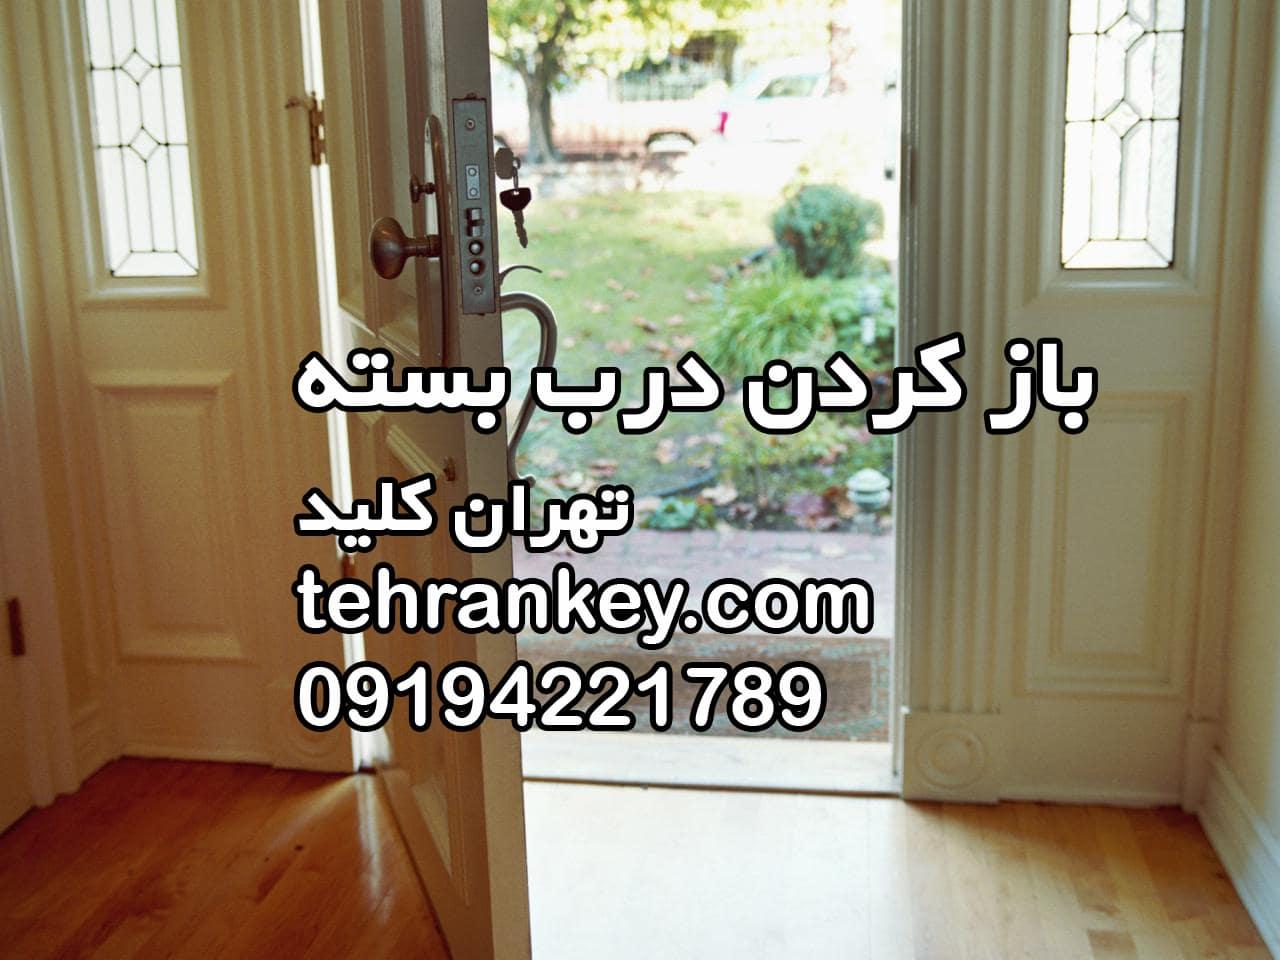 باز کردن درب بسته